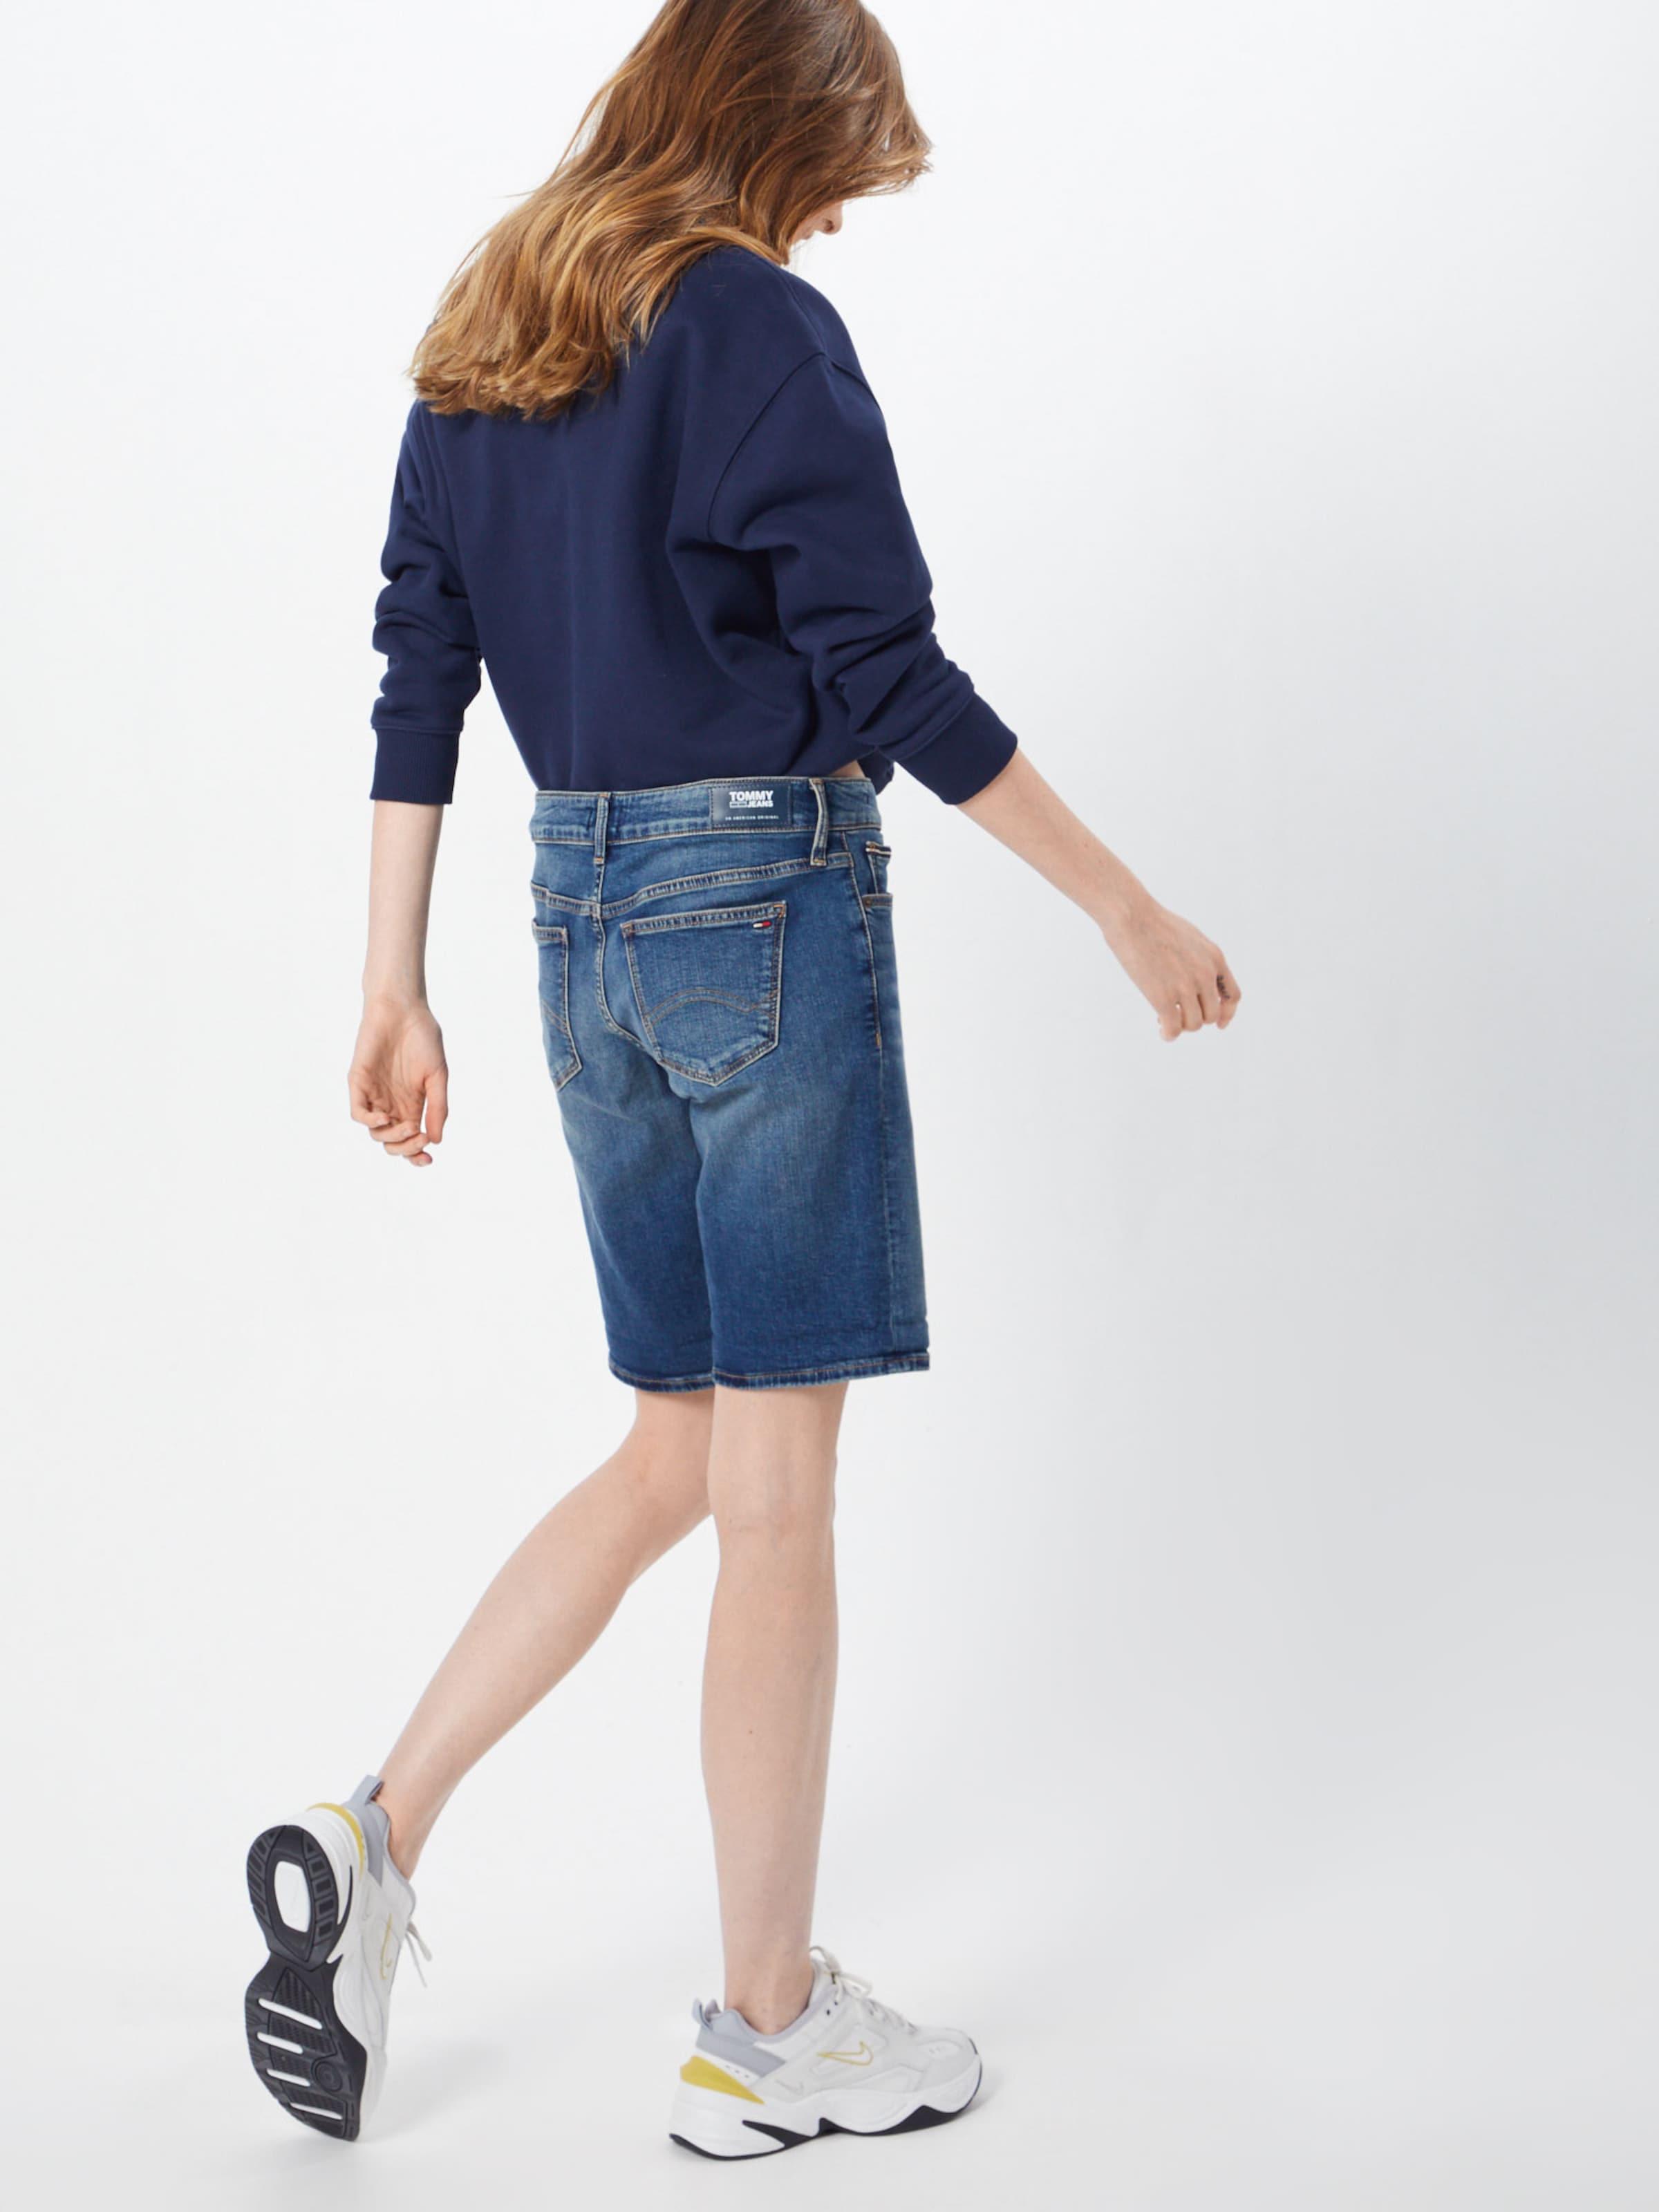 Jeans Denim Shorts Longer Blue 'classic Short' Tommy In QthrCsdx